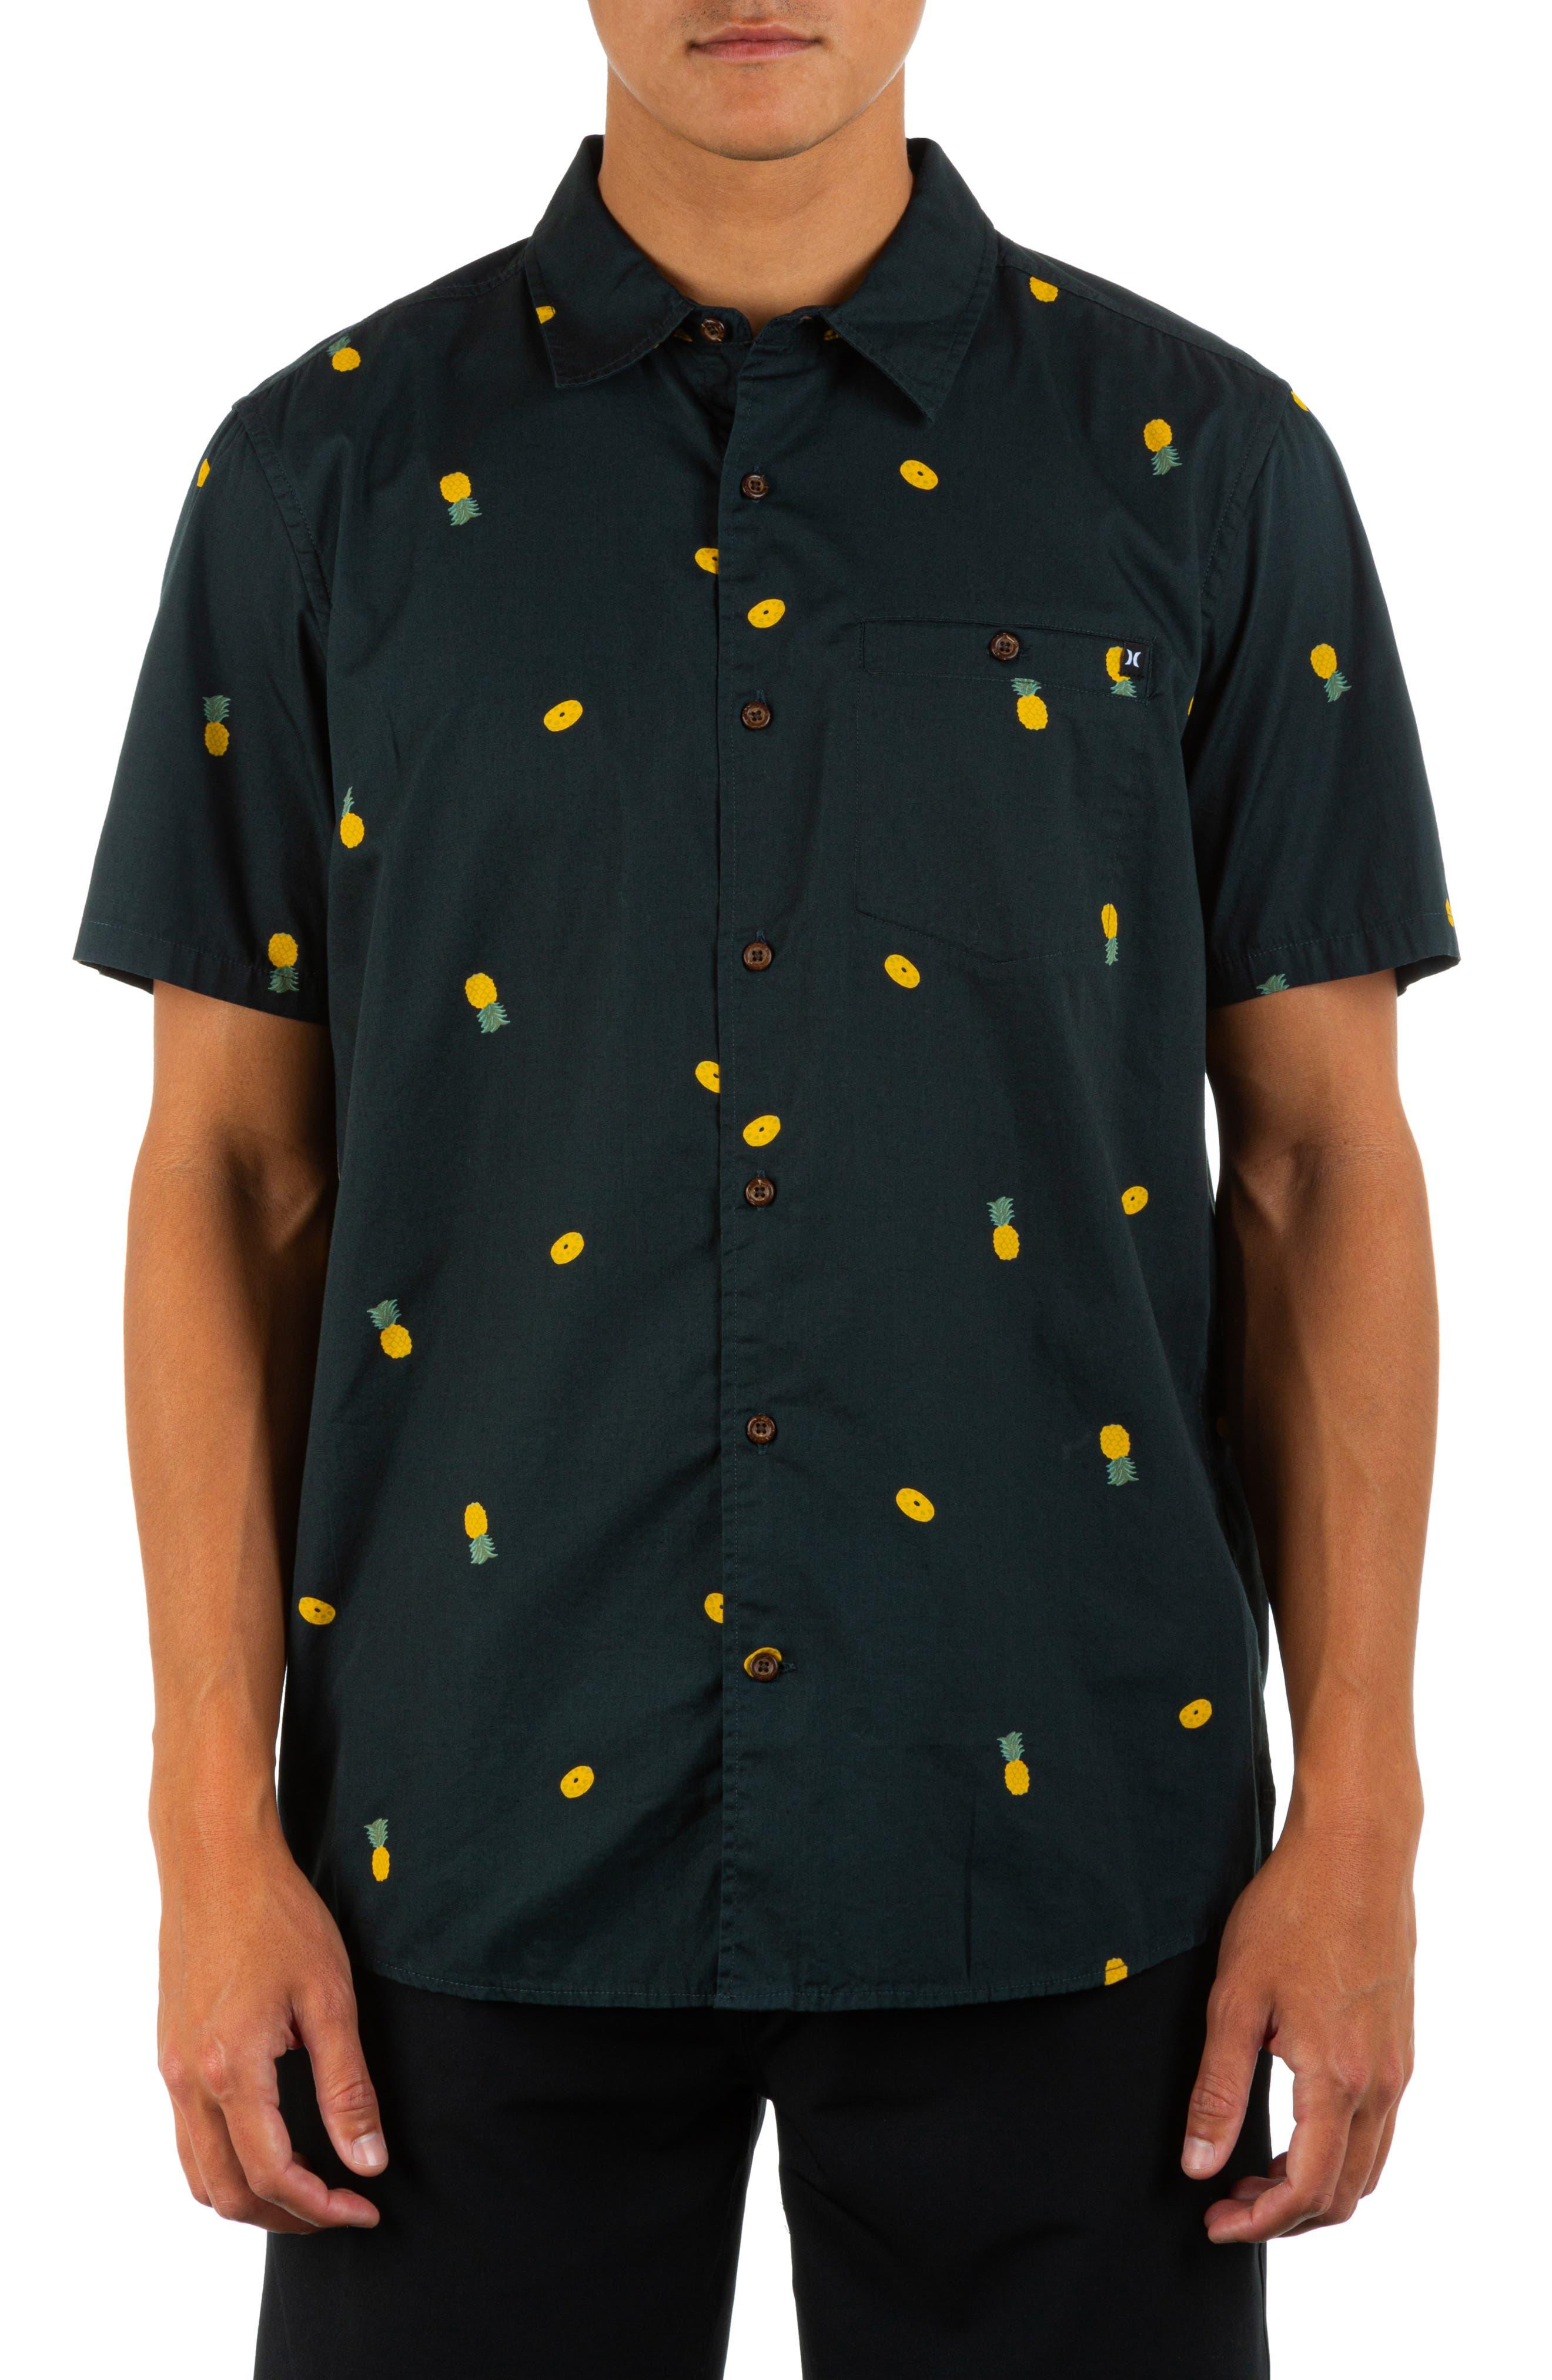 Windansea Short Sleeve Button-Up Shirt